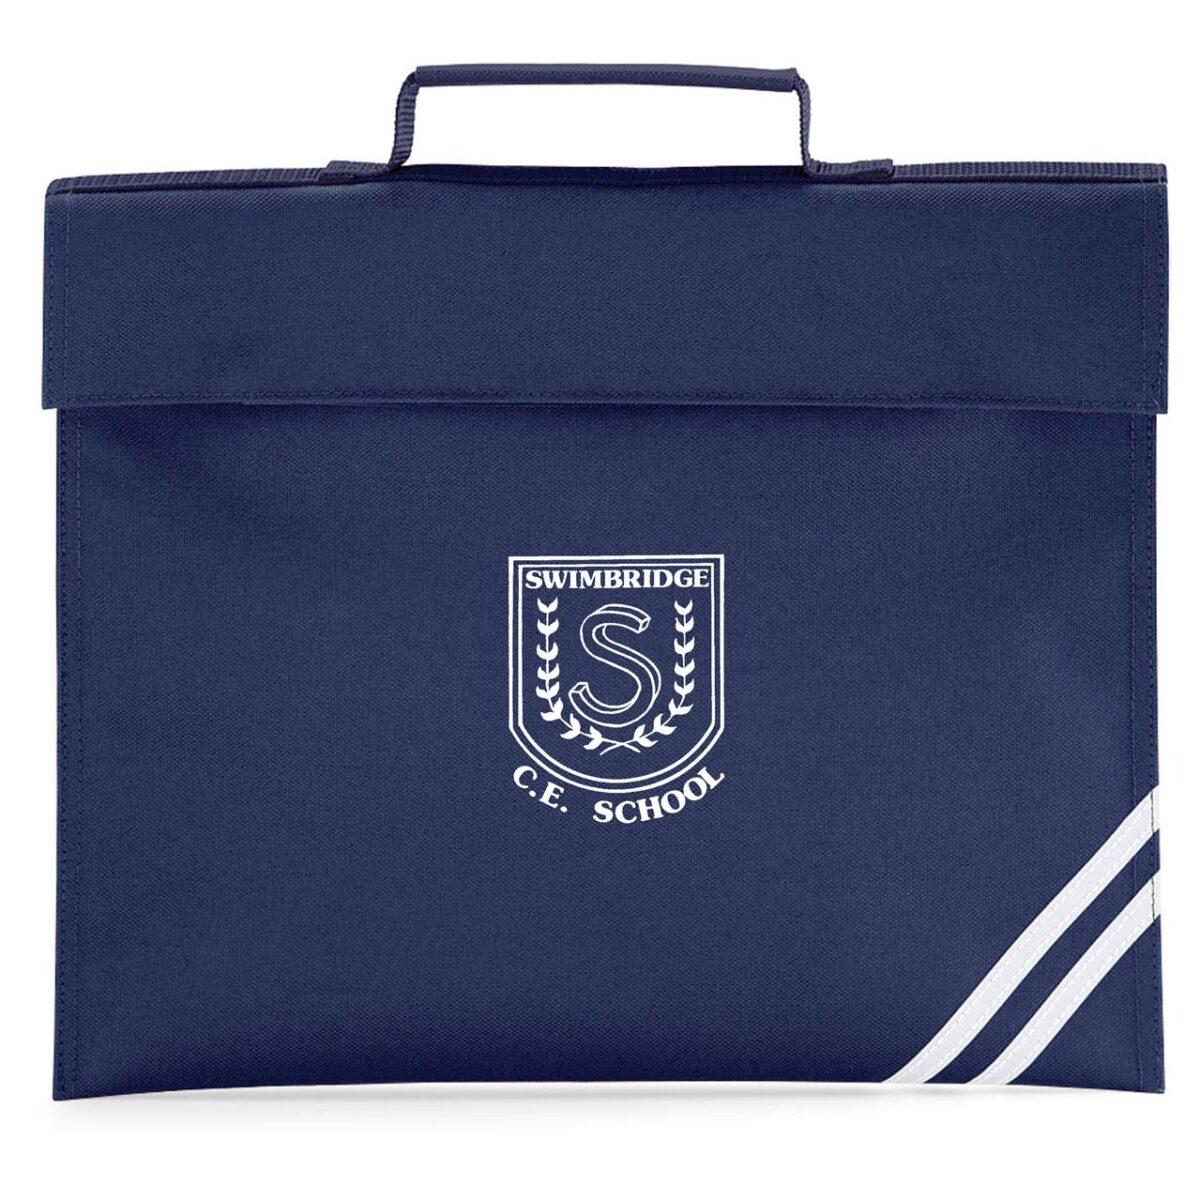 Swimbridge Primary School Book Bag